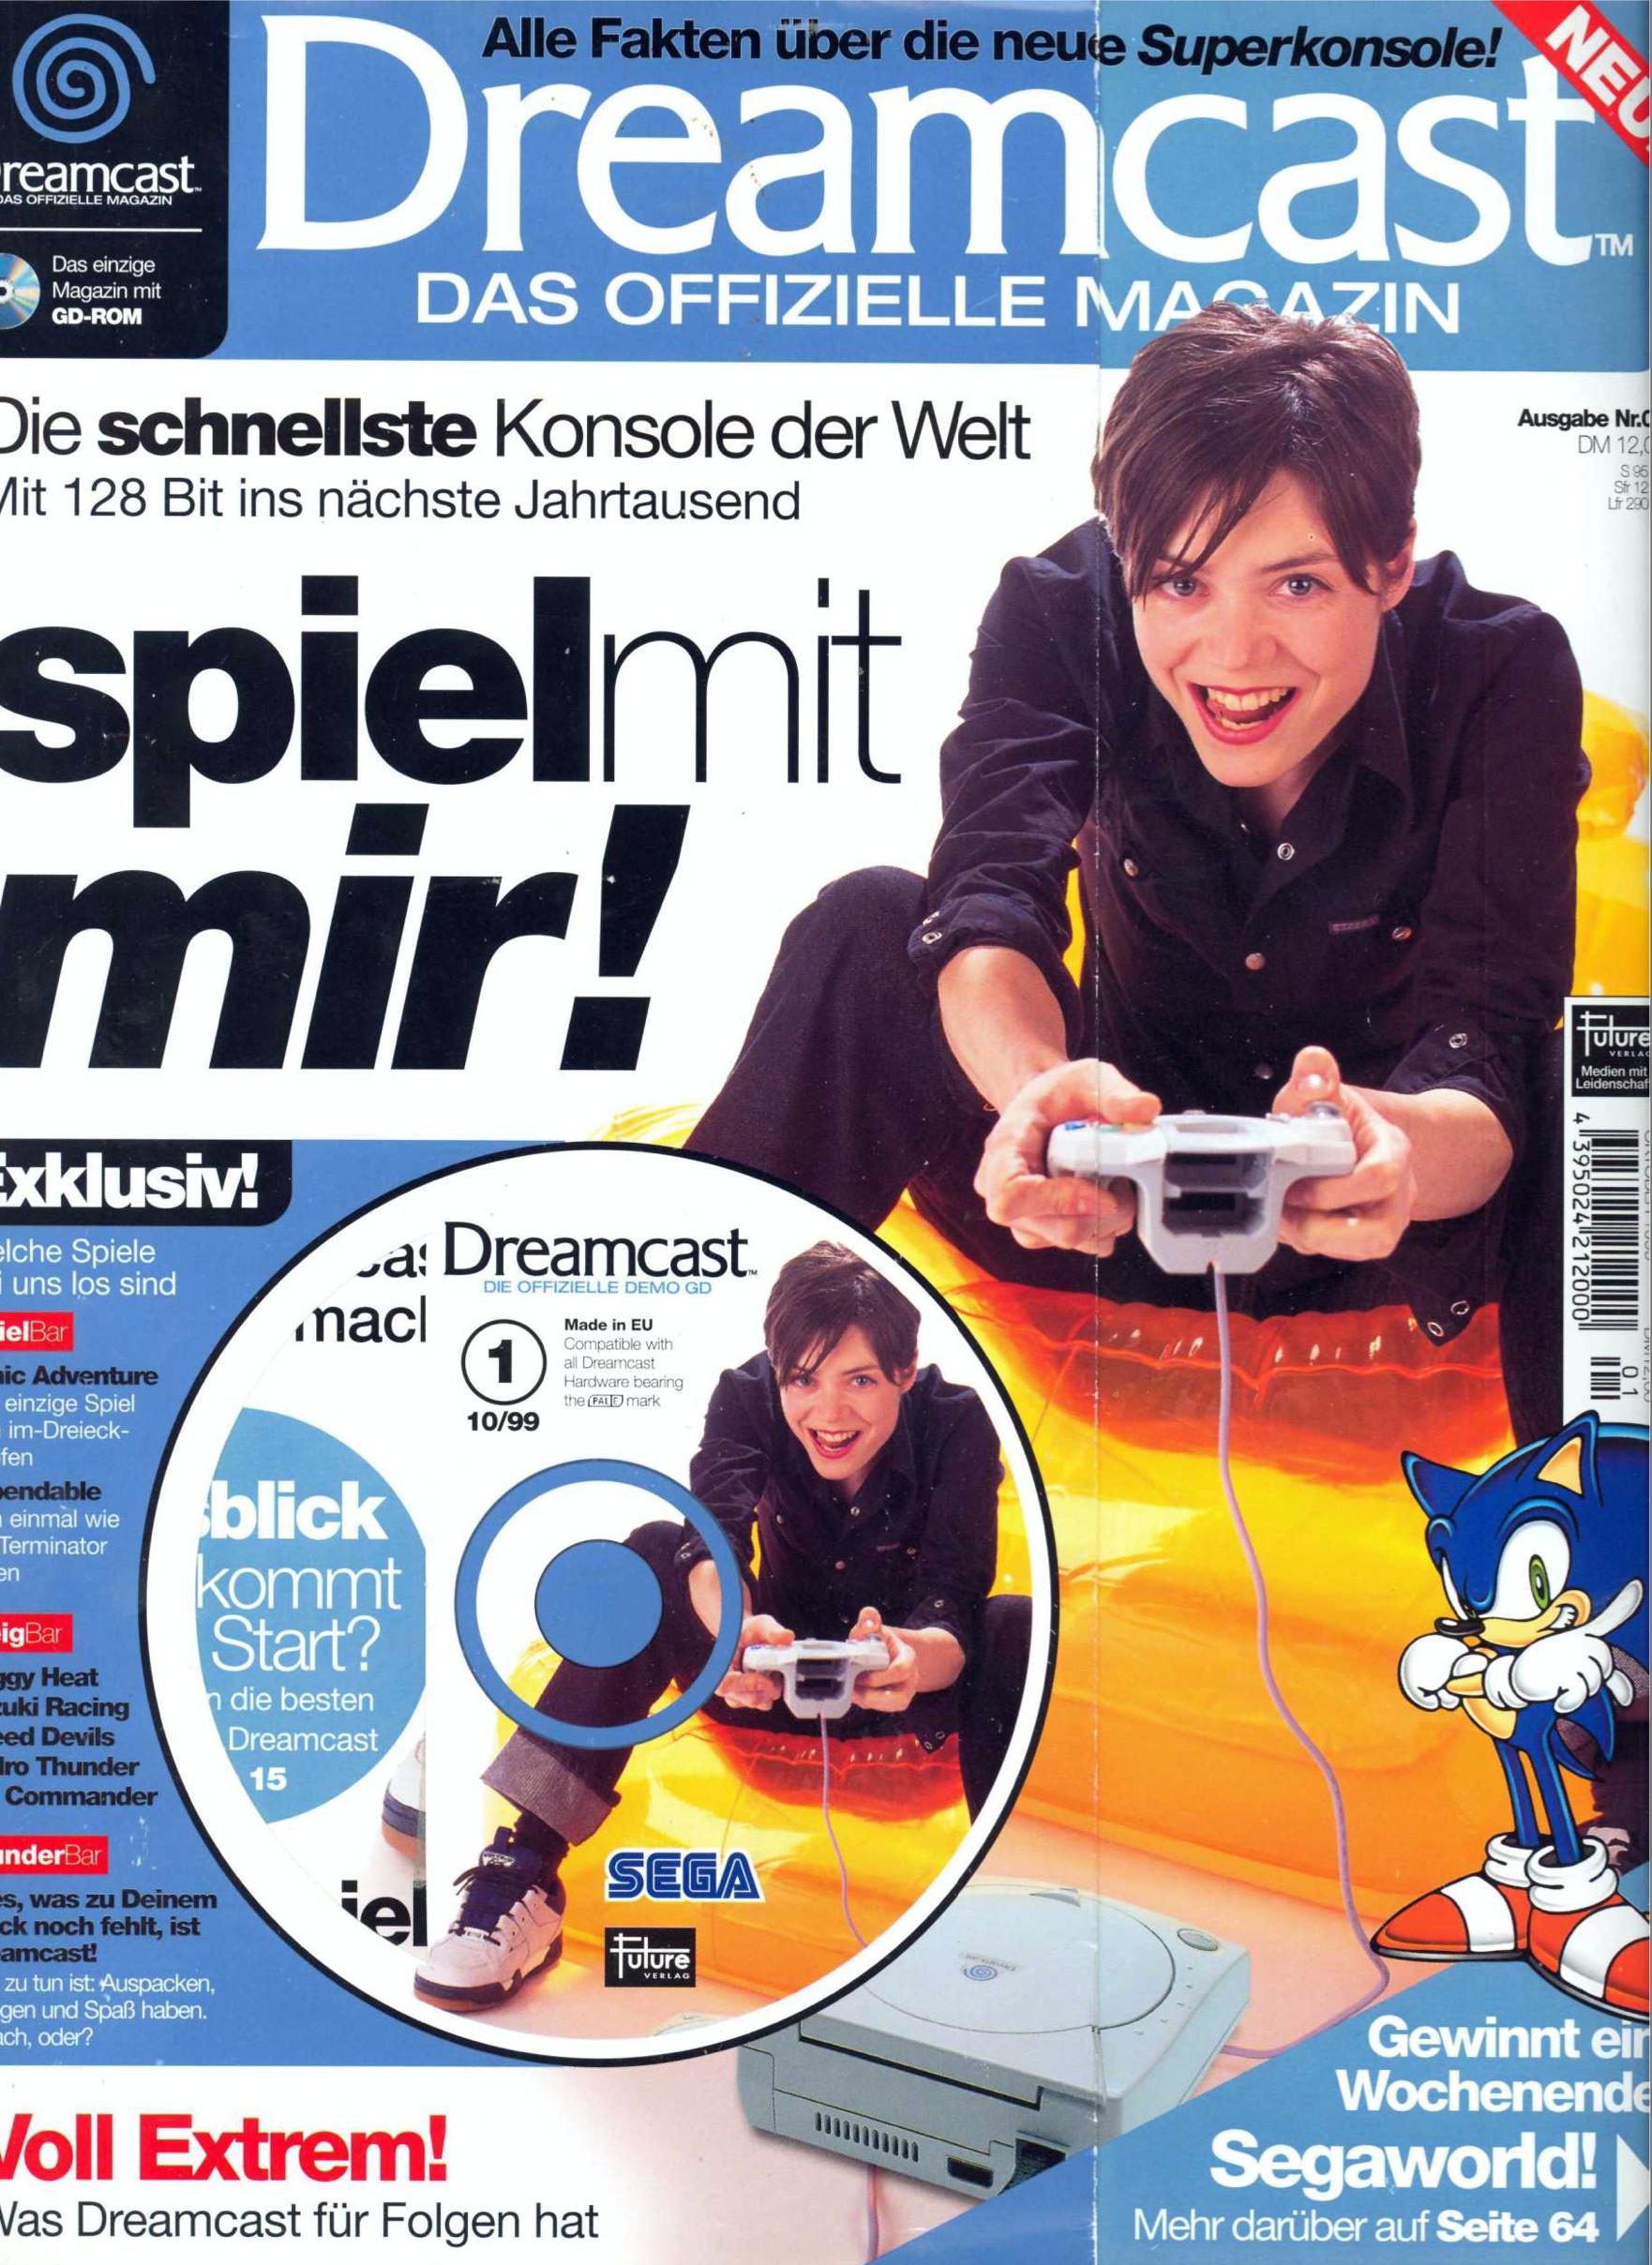 Offizielles Dreamcast Magazin Ausgabe 1. vom 16. September 1999. 12,-DM inkl. GD-ROM - Herausgegeben vom Future Verlag. (Bild: Marc Nuttelmann)